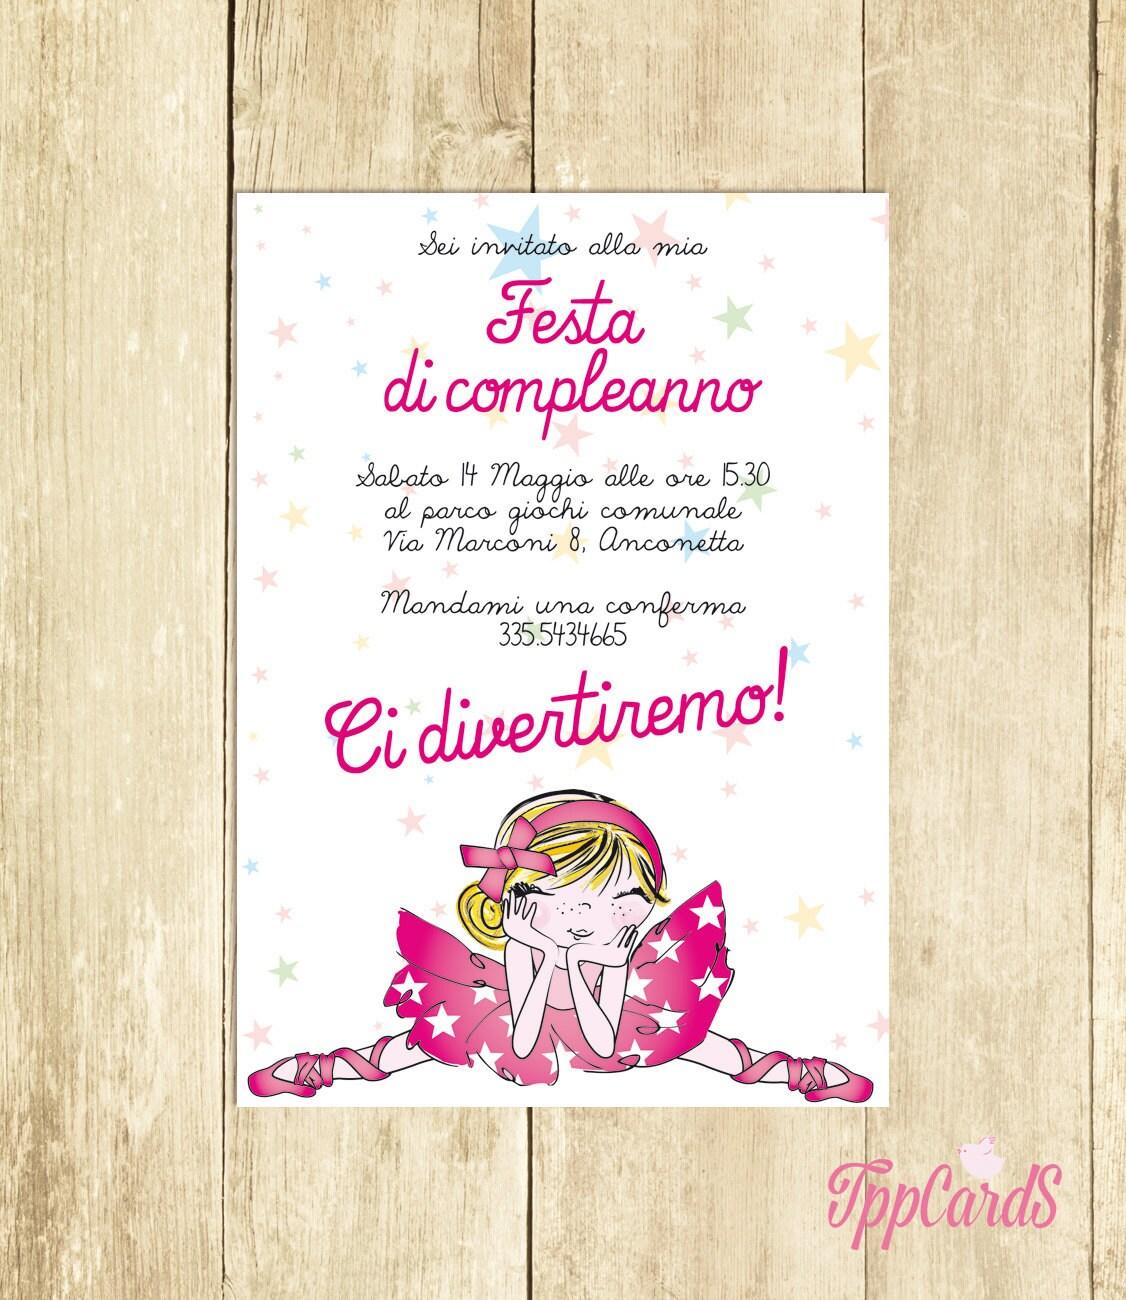 Invito Compleanno Ballerina Invito Festa Compleanno Invito